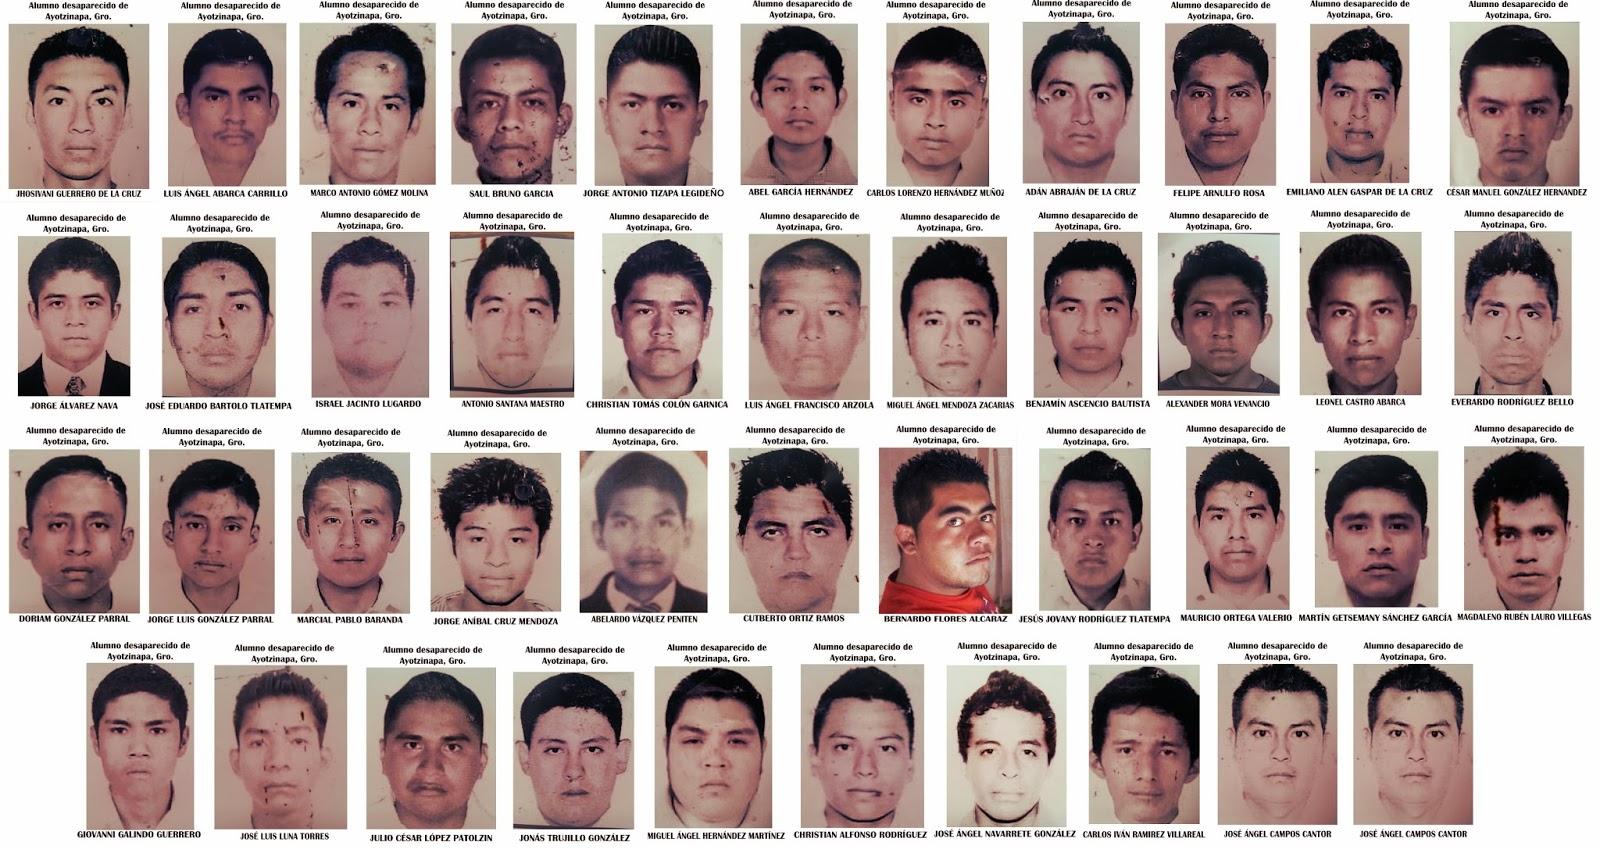 43-ayotzinapa-11.jpg